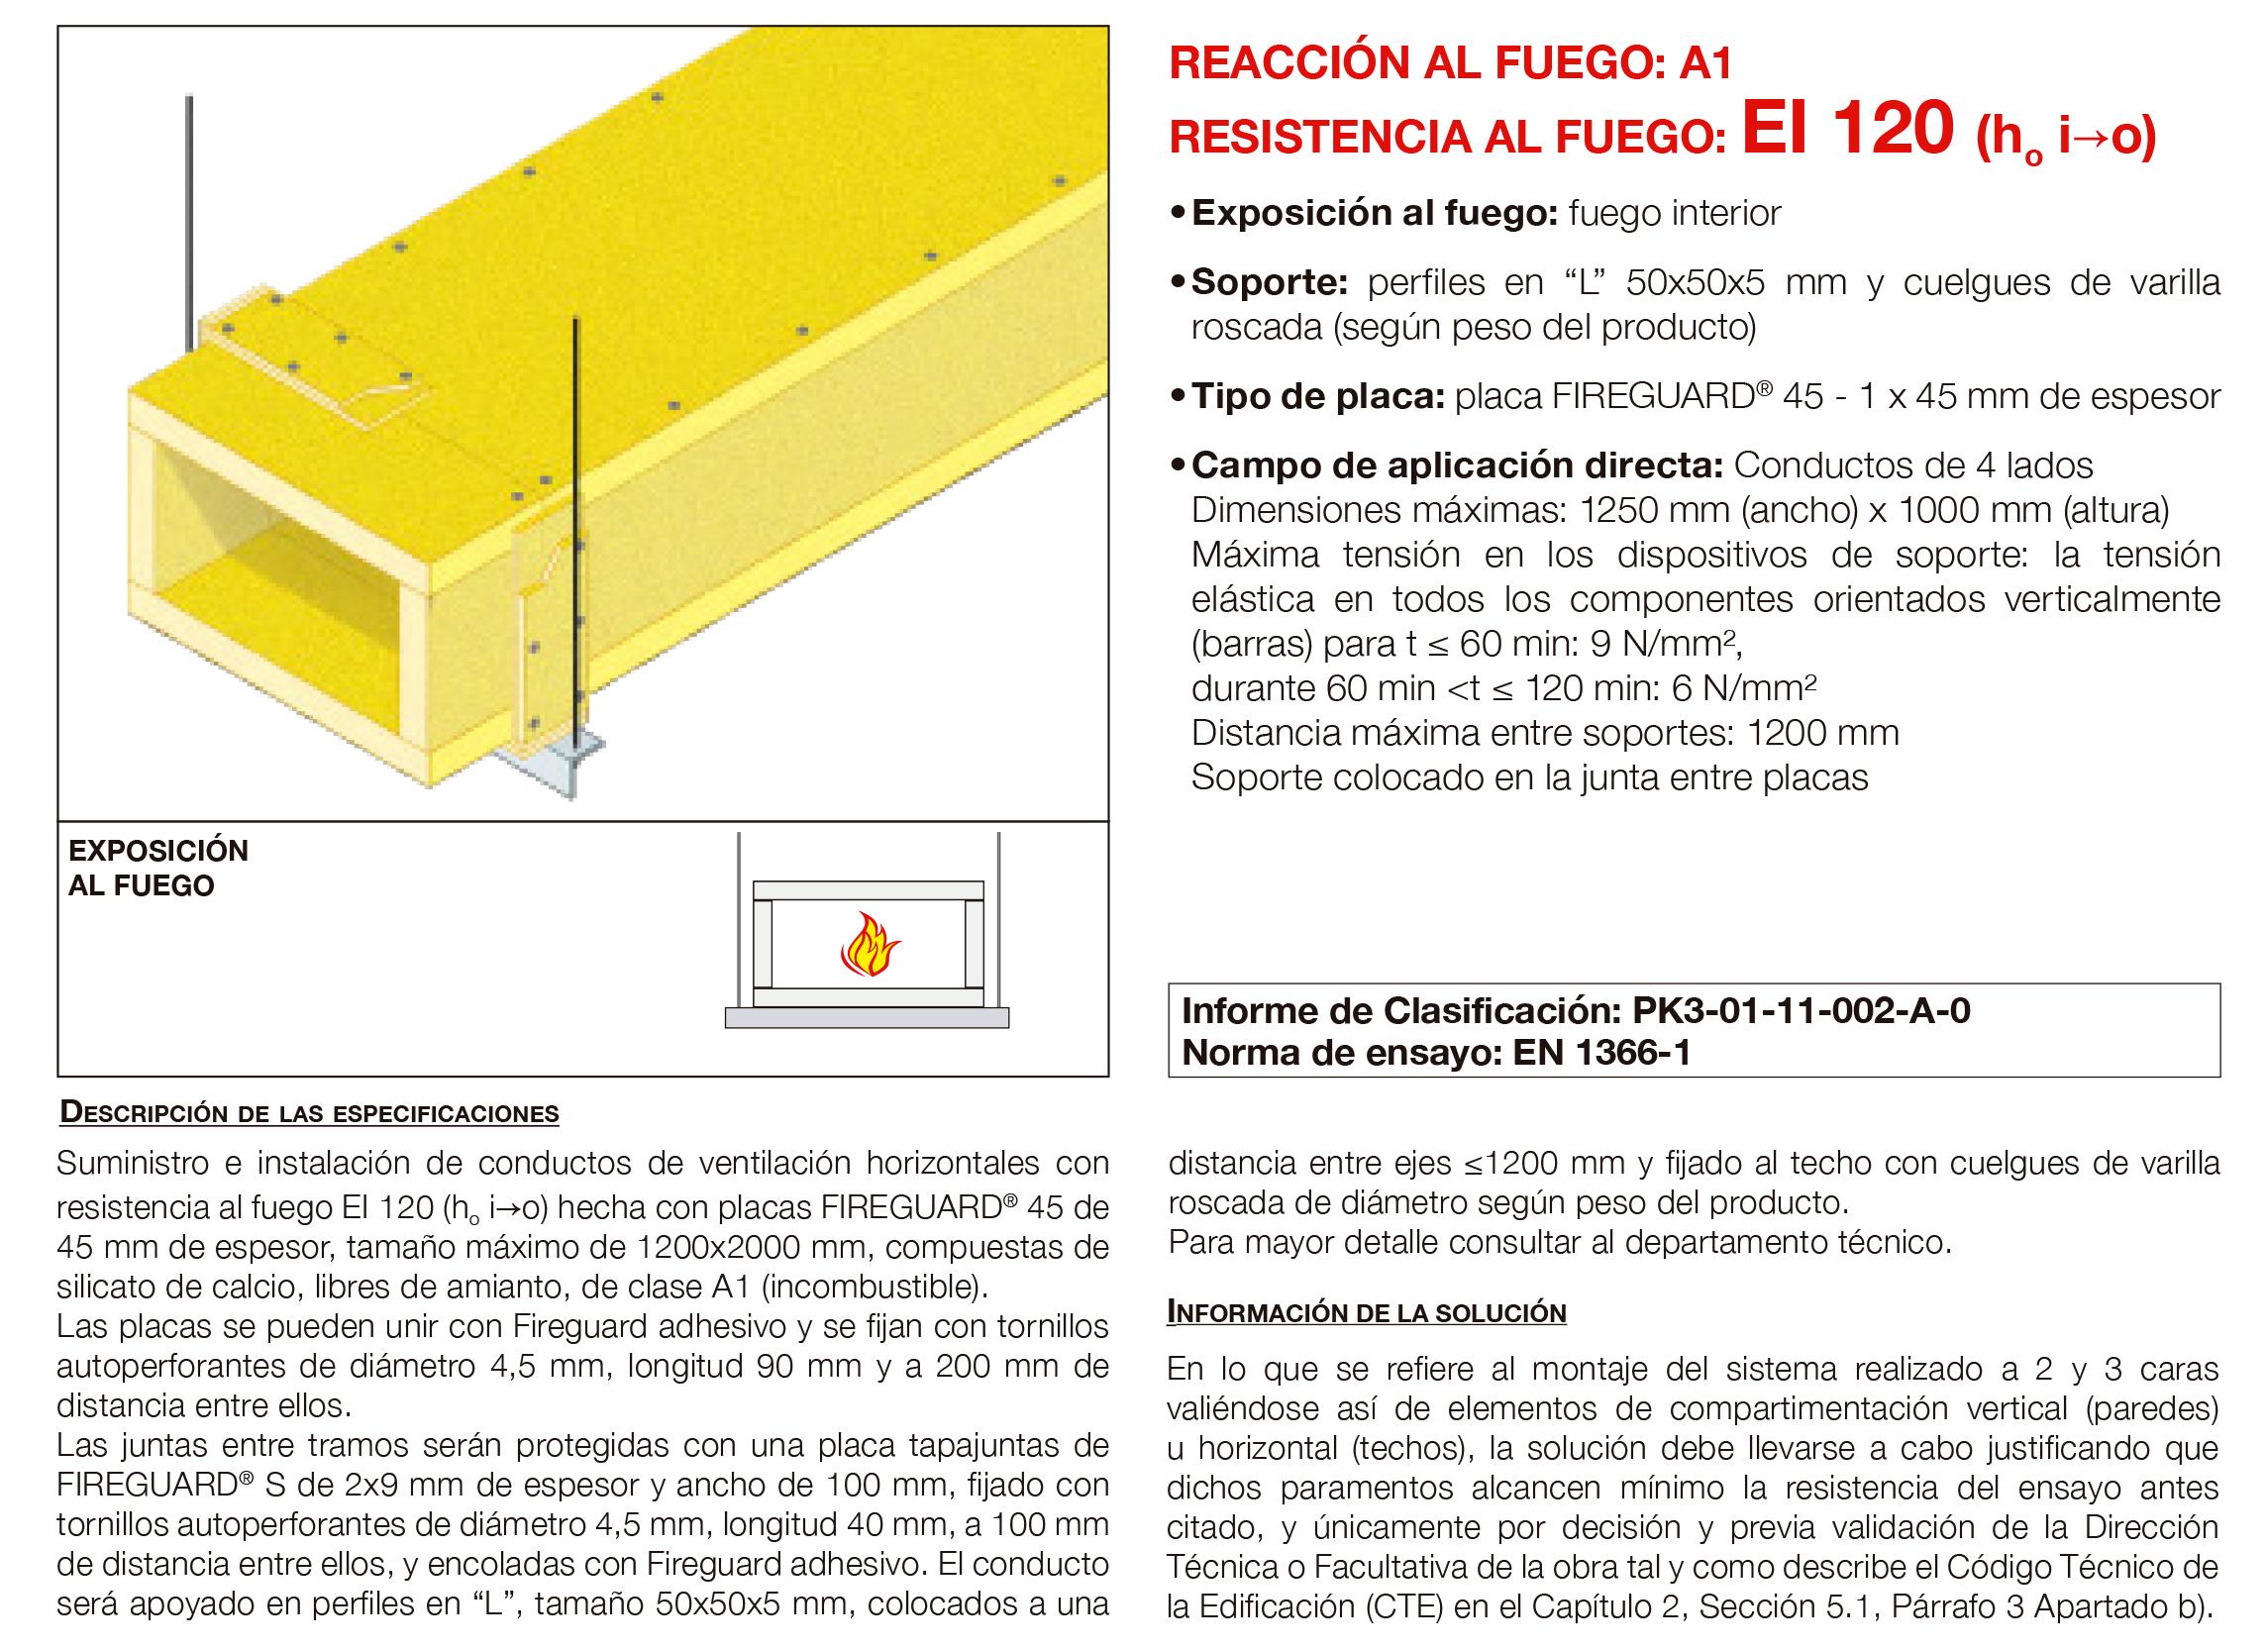 6.01 Conducto de Ventilacion Horizontal Fuego Interno con Placa EI120´